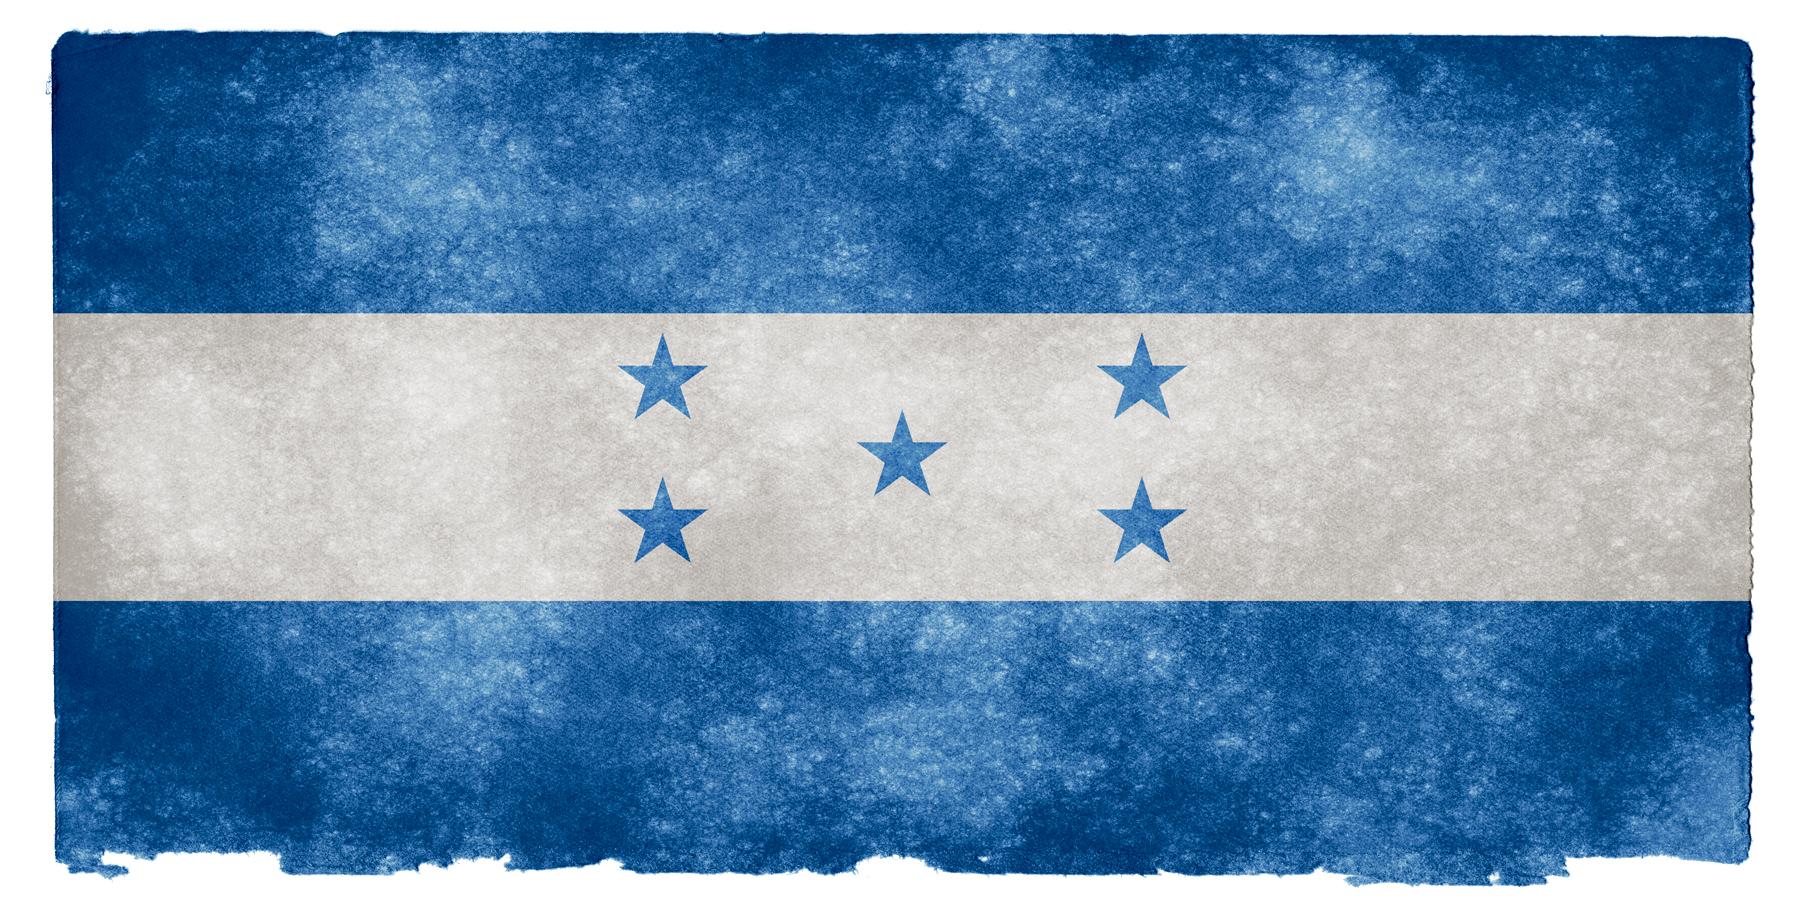 Dos nuevas aerolíneas inician operaciones en Honduras